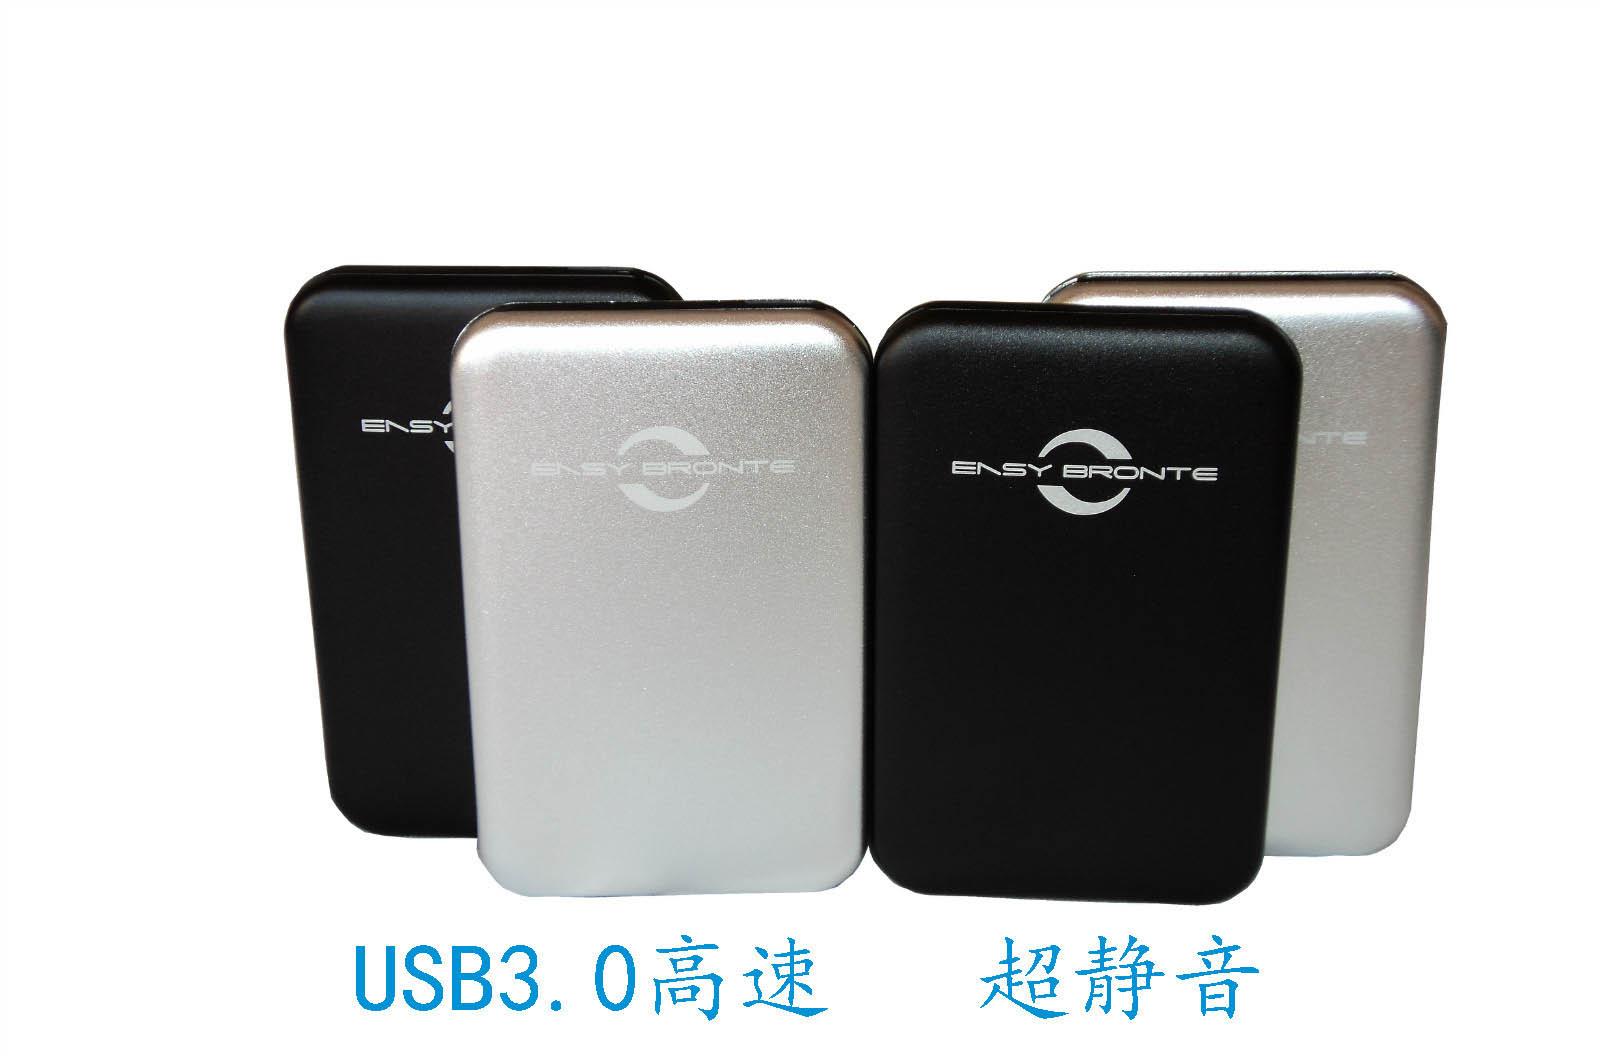 易朗特 Smart 500g ursprünglichen festplatte 160G320G750G1T usb3.0 high - speed - schock